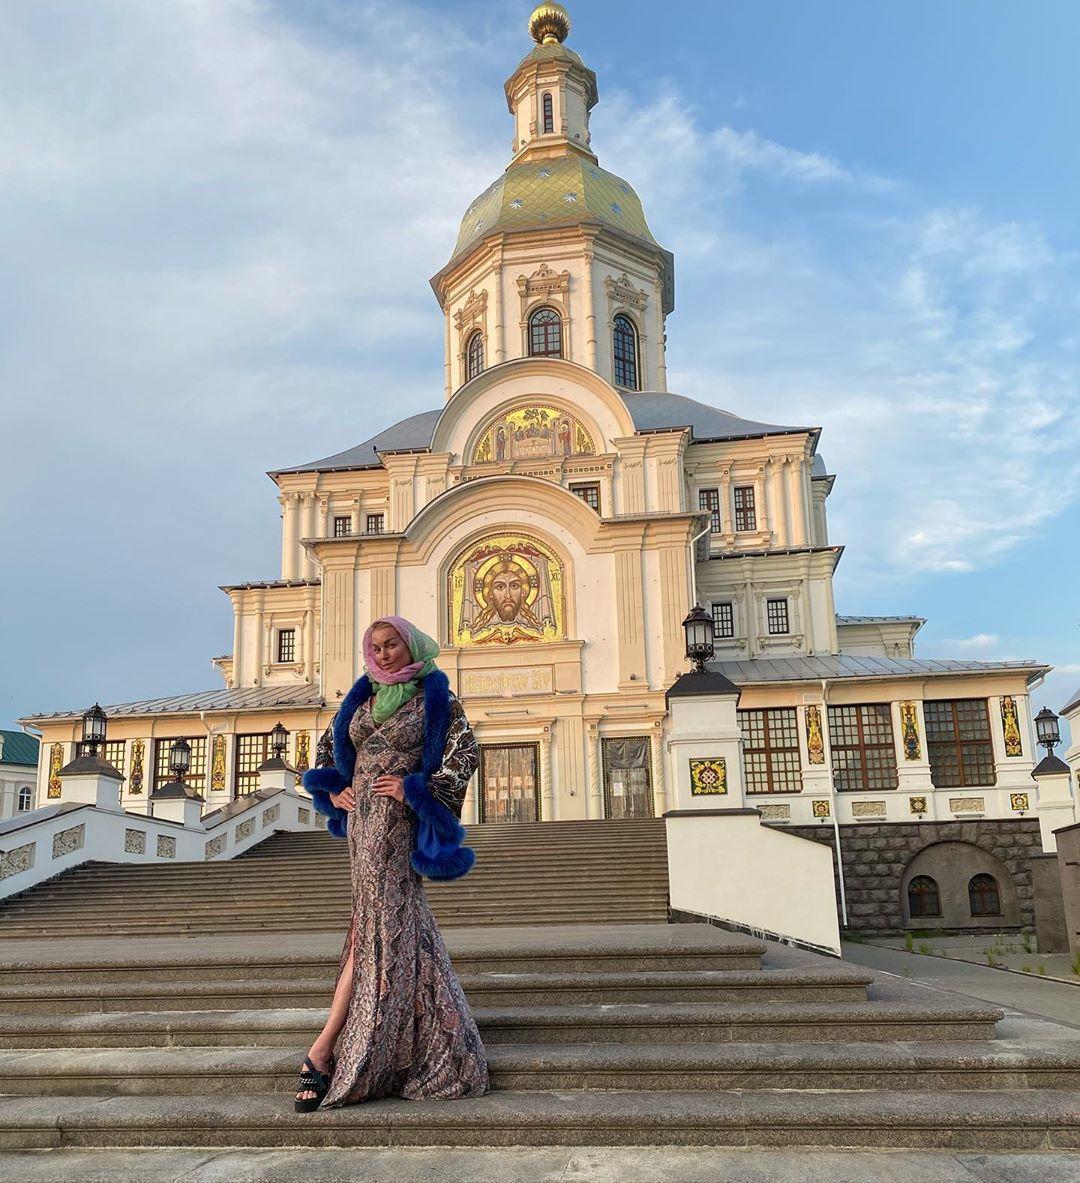 Жителей Дивеевского монастыря балерина называет не иначе как замечательными